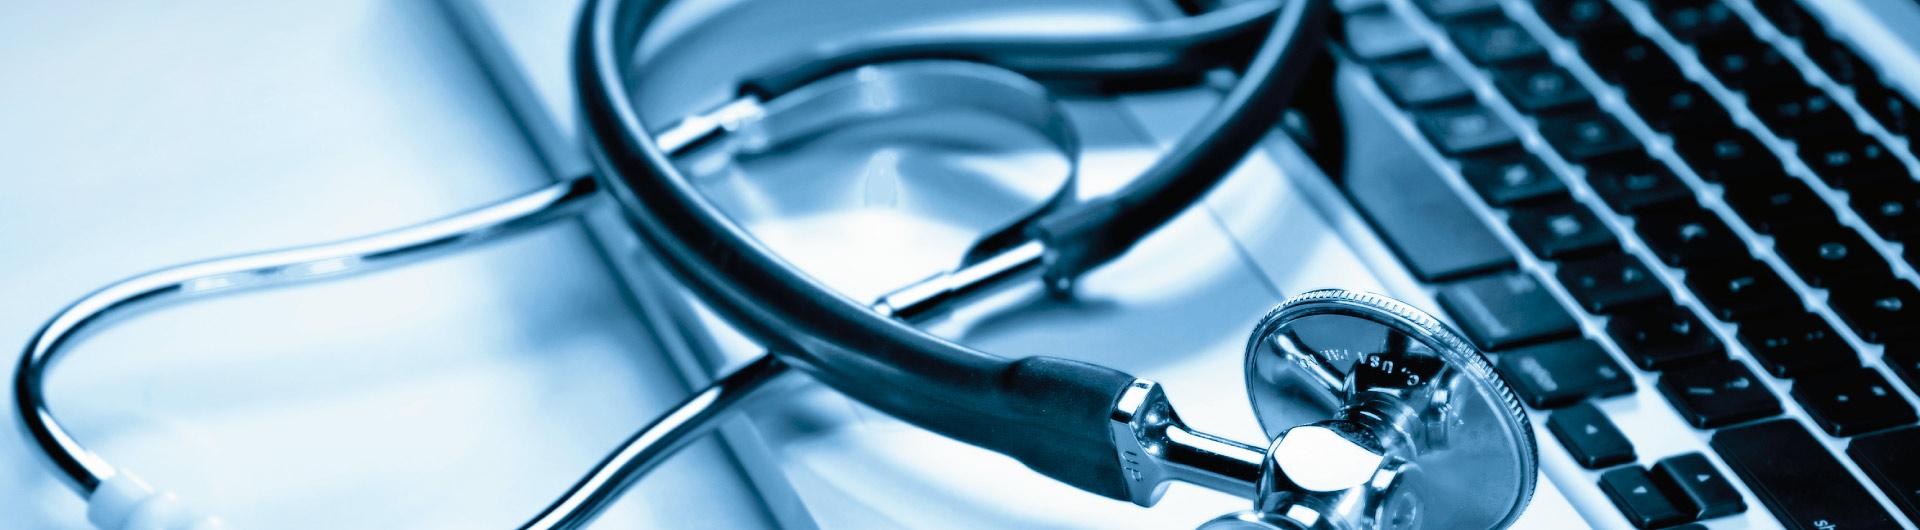 Diplomado en Gestión de Organizaciones de Salud Públicas y Privadas - eClass